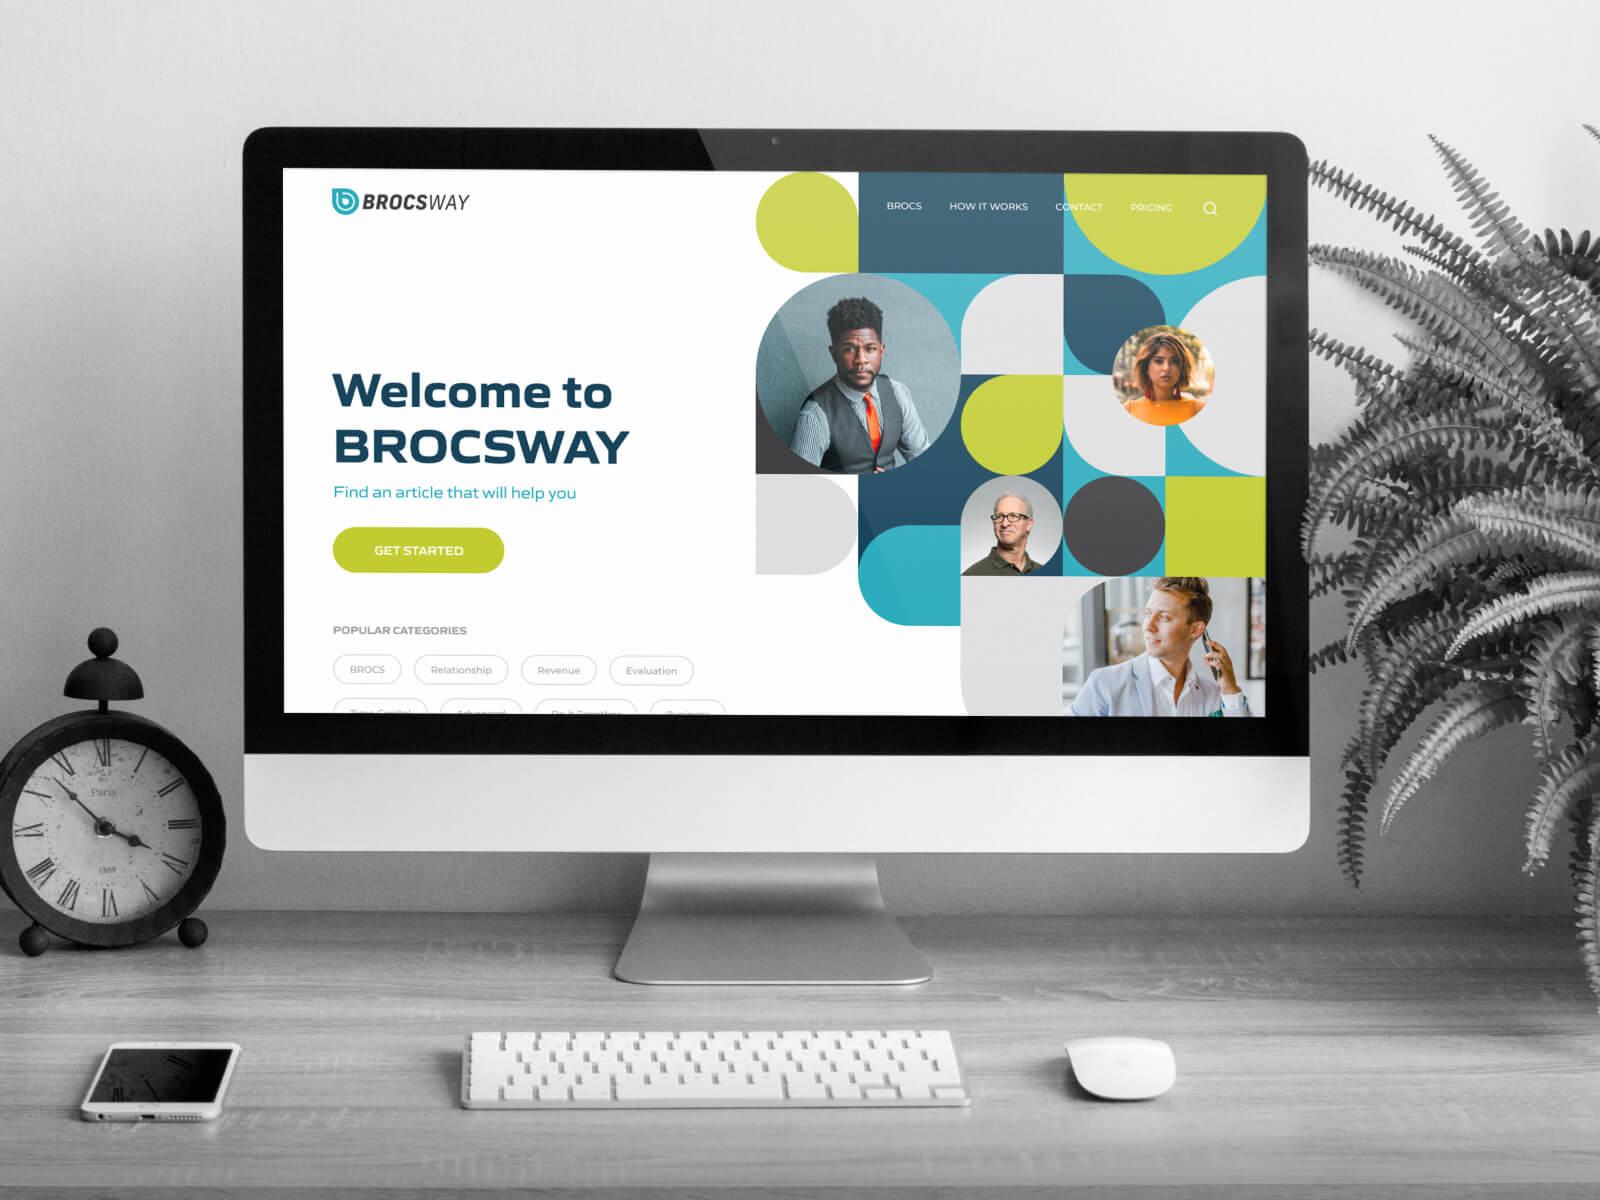 Brocsway Website Design and Development